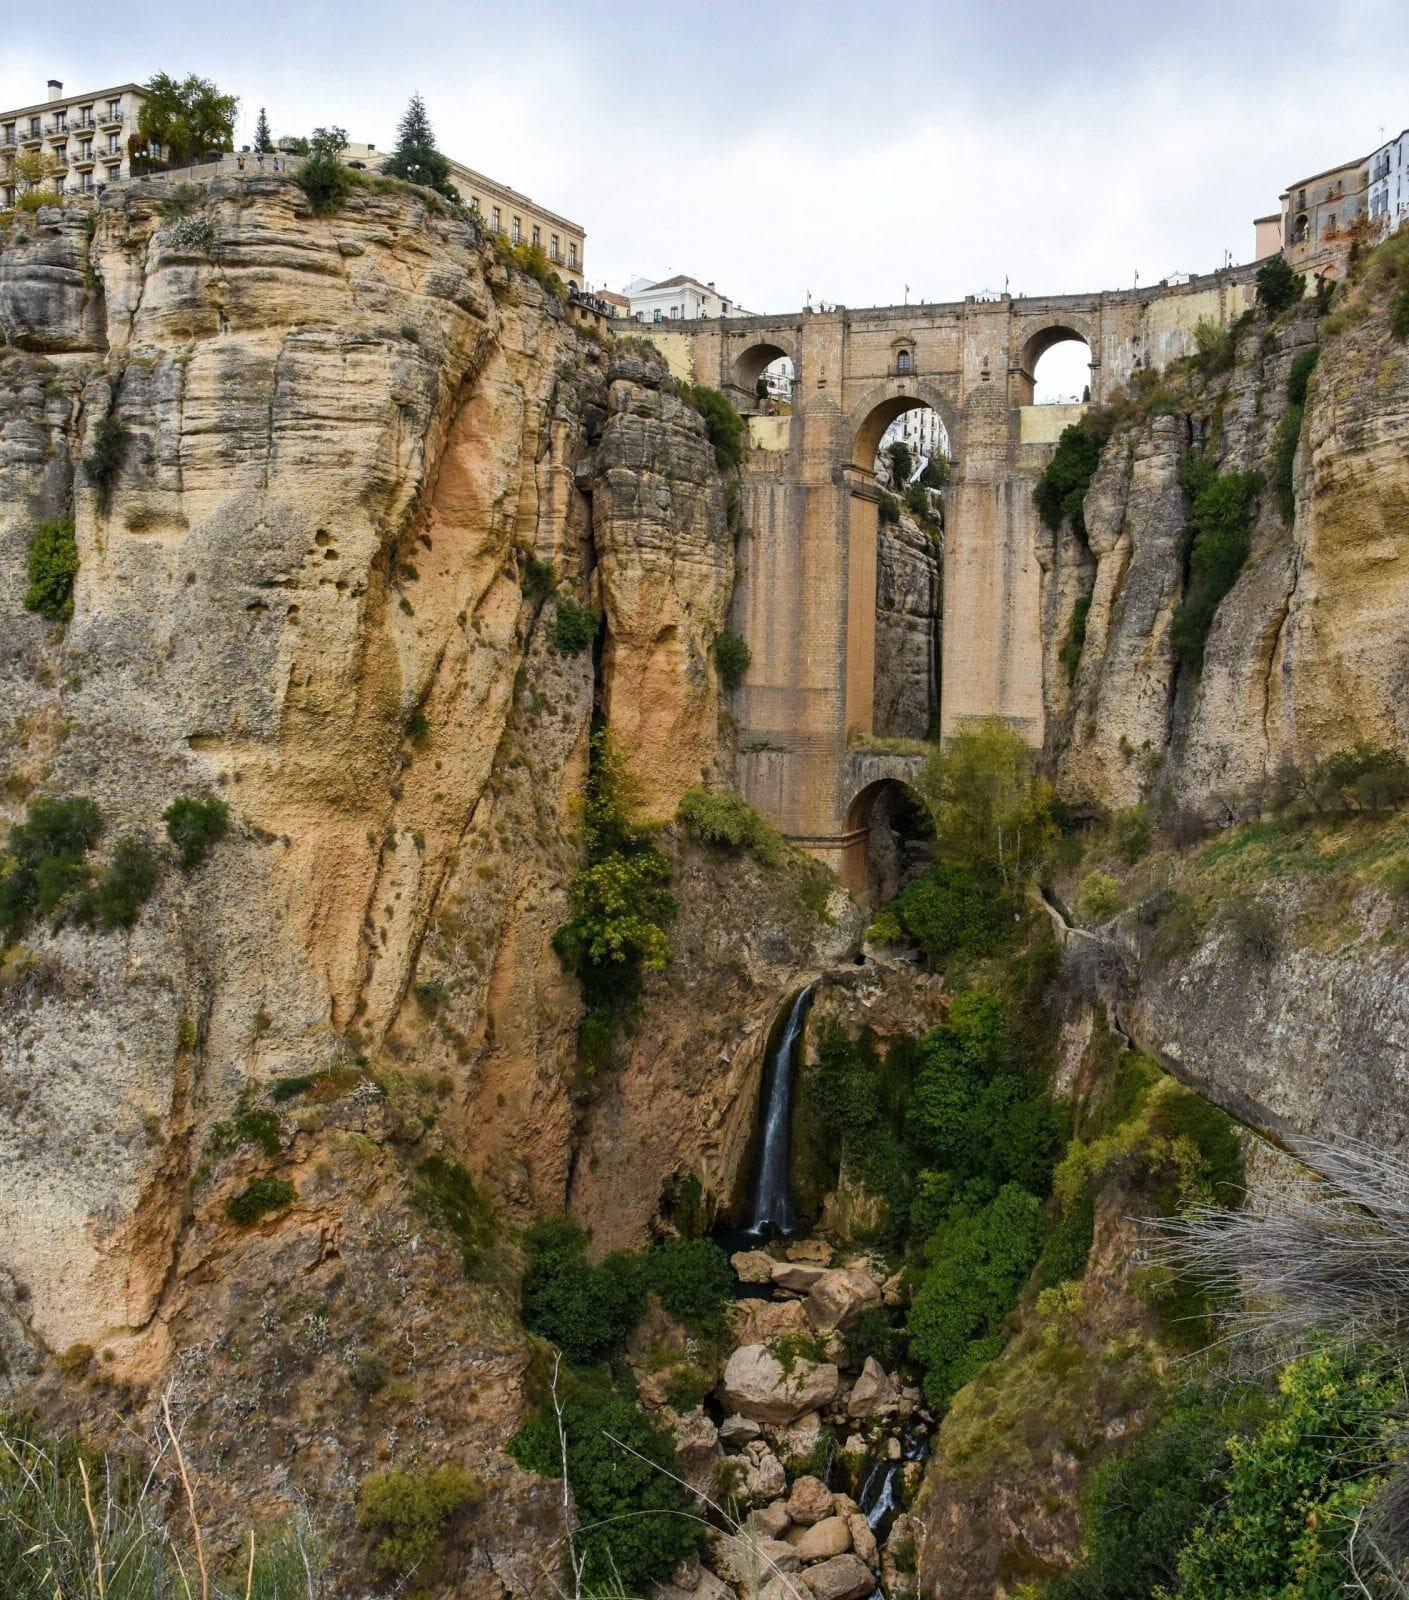 Puento Nuevo Bridge, Ronda, Spain